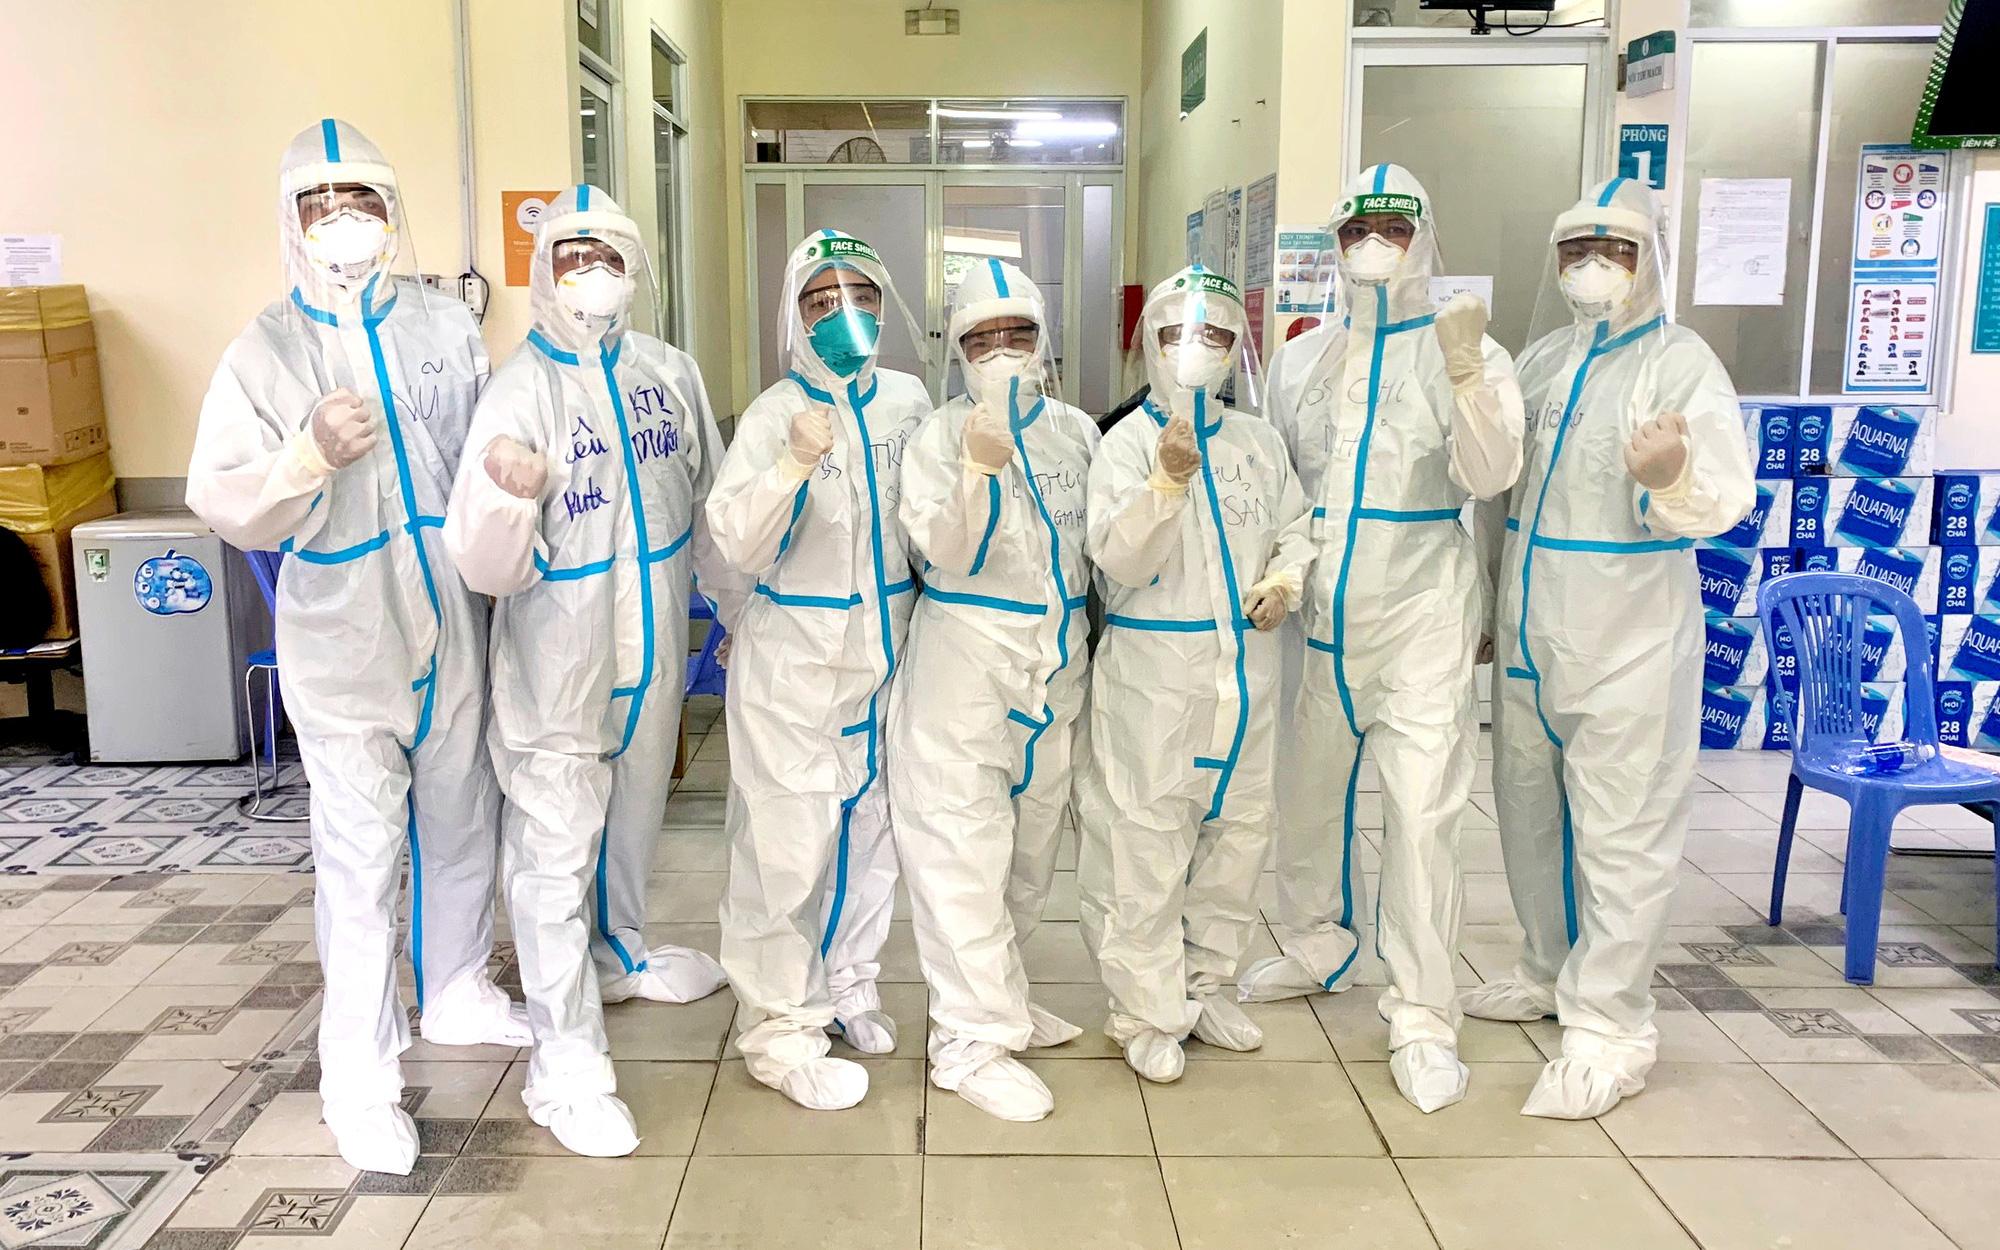 Hơn 1.300 người đăng ký chống dịch tại TP.HCM sau tâm thư khẩn thiết của Thứ trưởng Nguyễn Trường Sơn